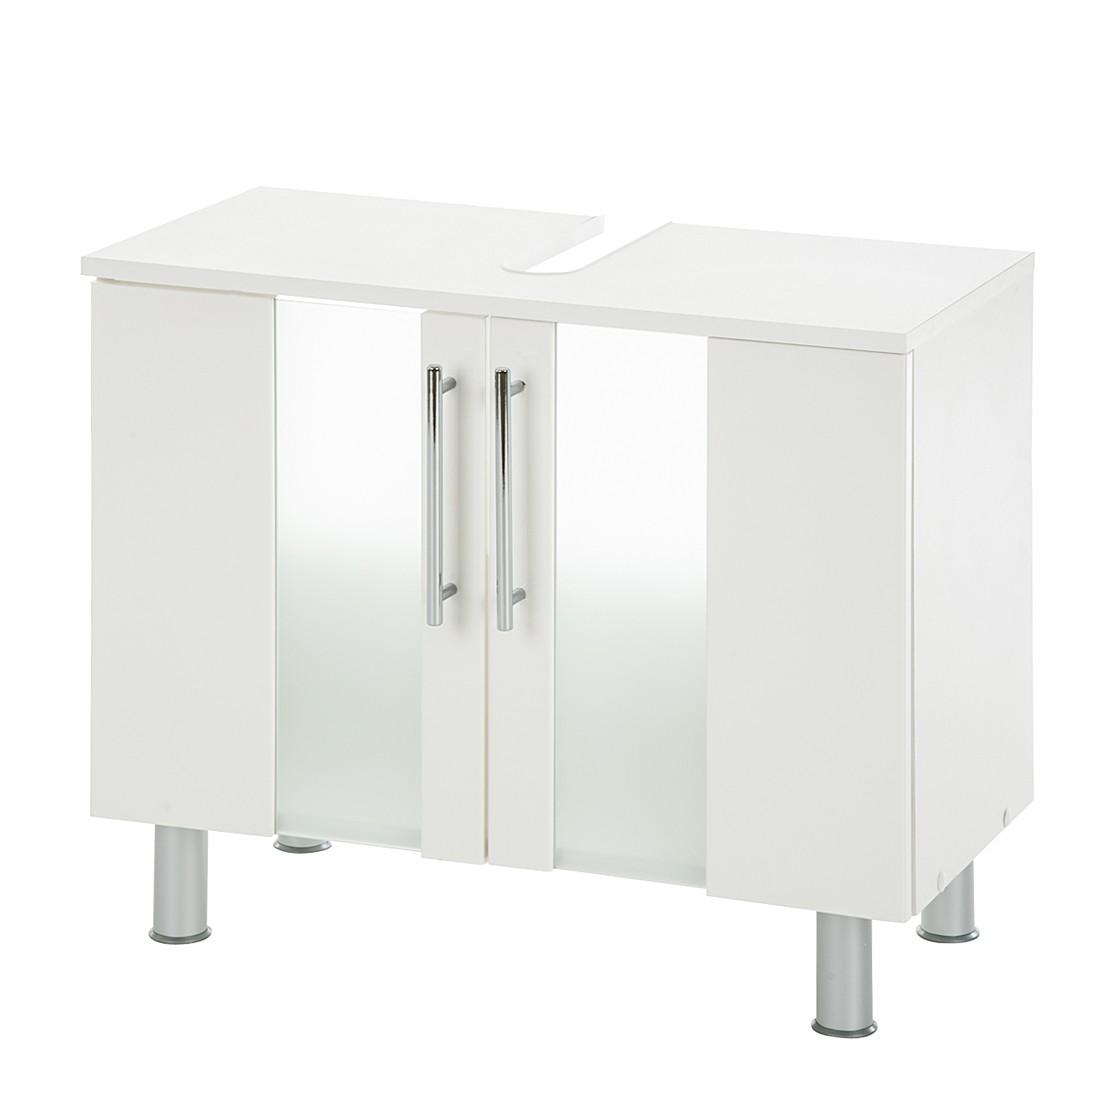 Armadietto da lavabo Rocco - Bianco, Kesper Badmöbel